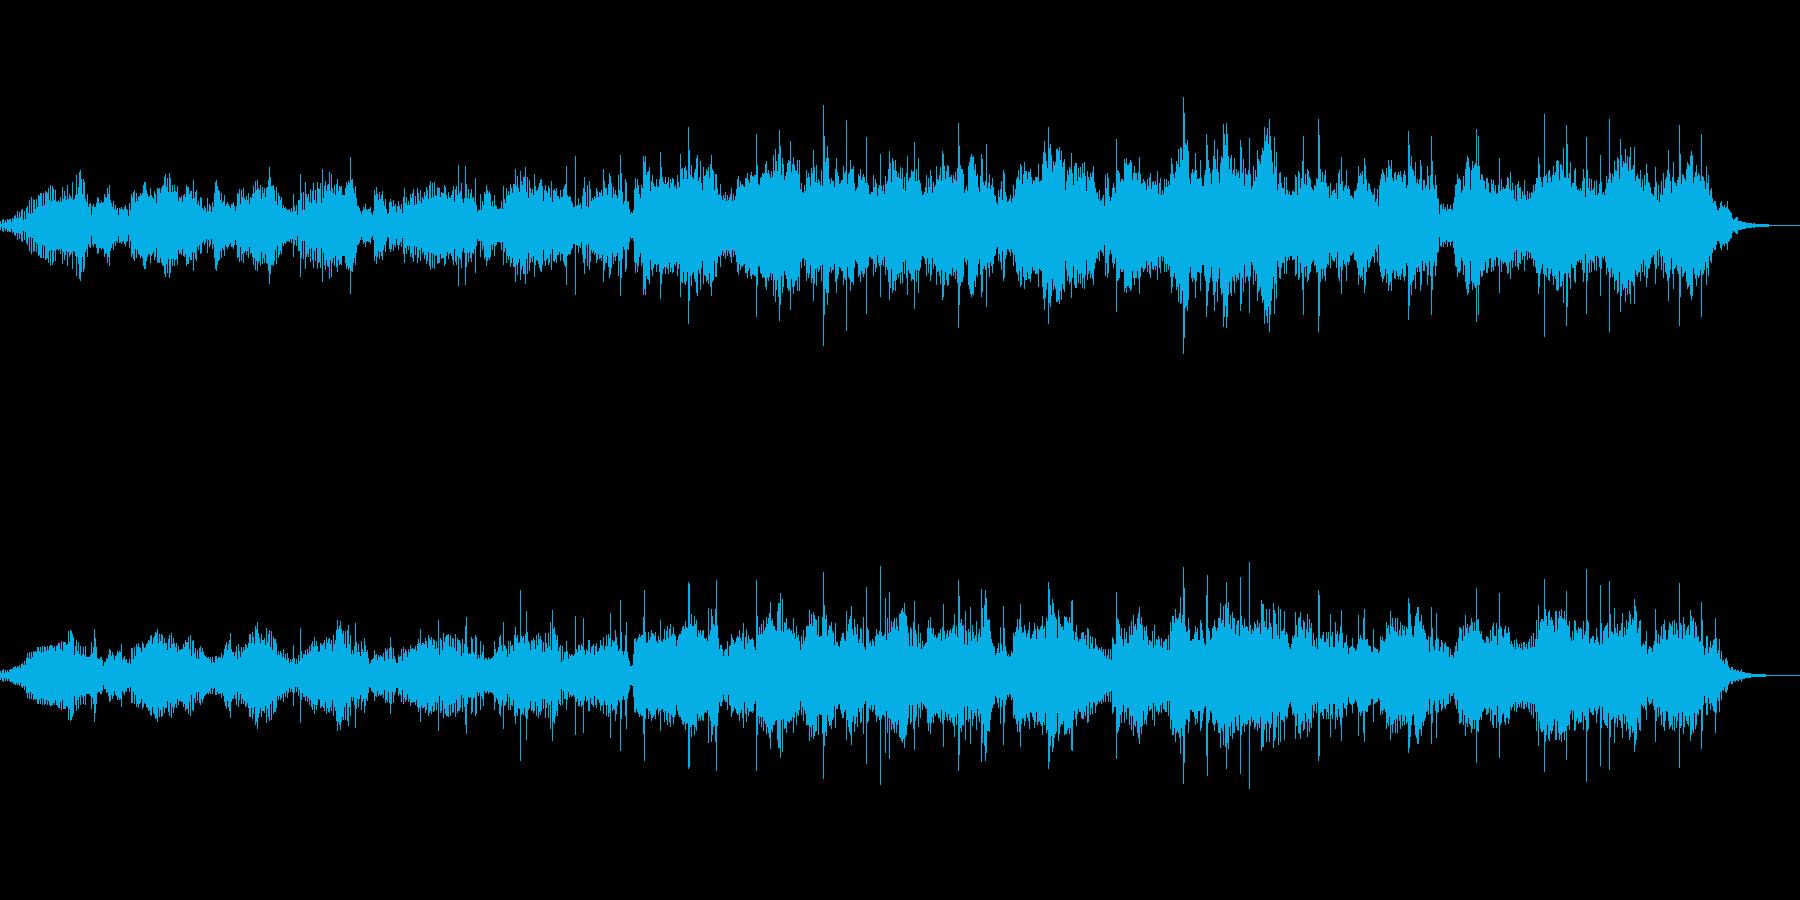 環境音とピアノの作品 ショートVer.の再生済みの波形